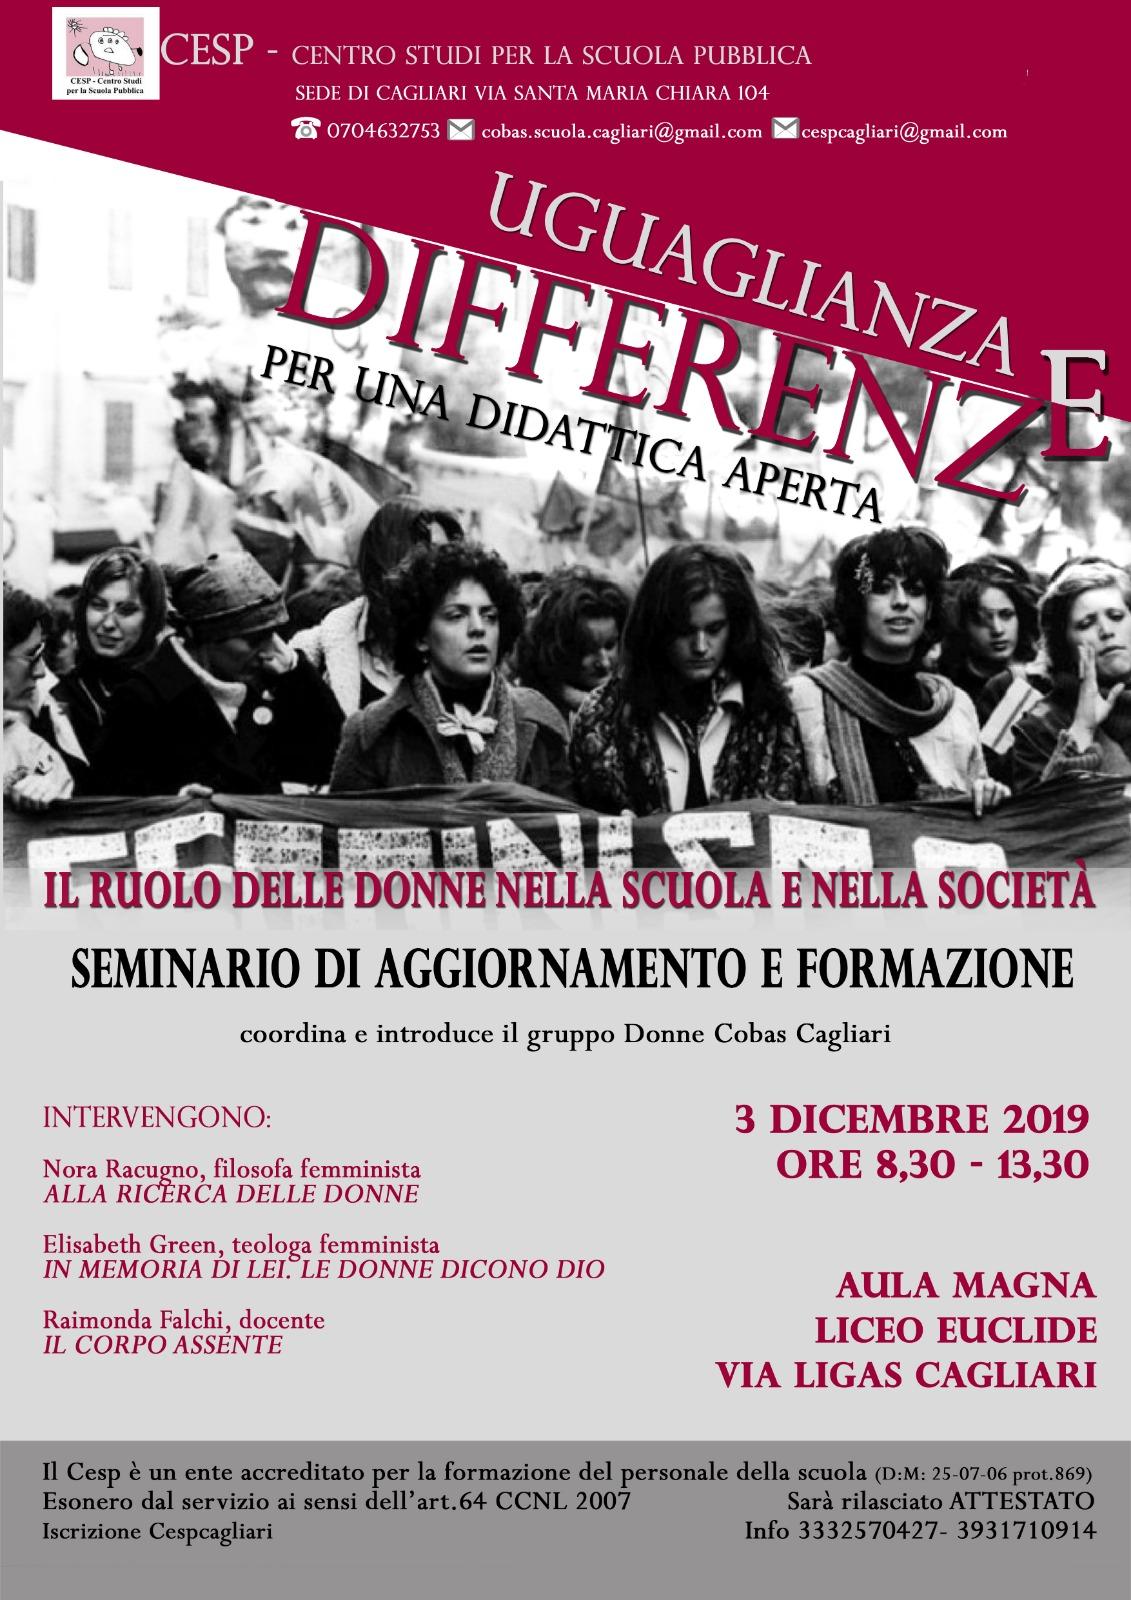 """03.12.2019, CAGLIARI: SEMINARIO """"UGUAGLIANZE E DIFFERENZE"""" @ CSPS-CENTRO STUDI PER LA SCUOLA PUBBLICA"""